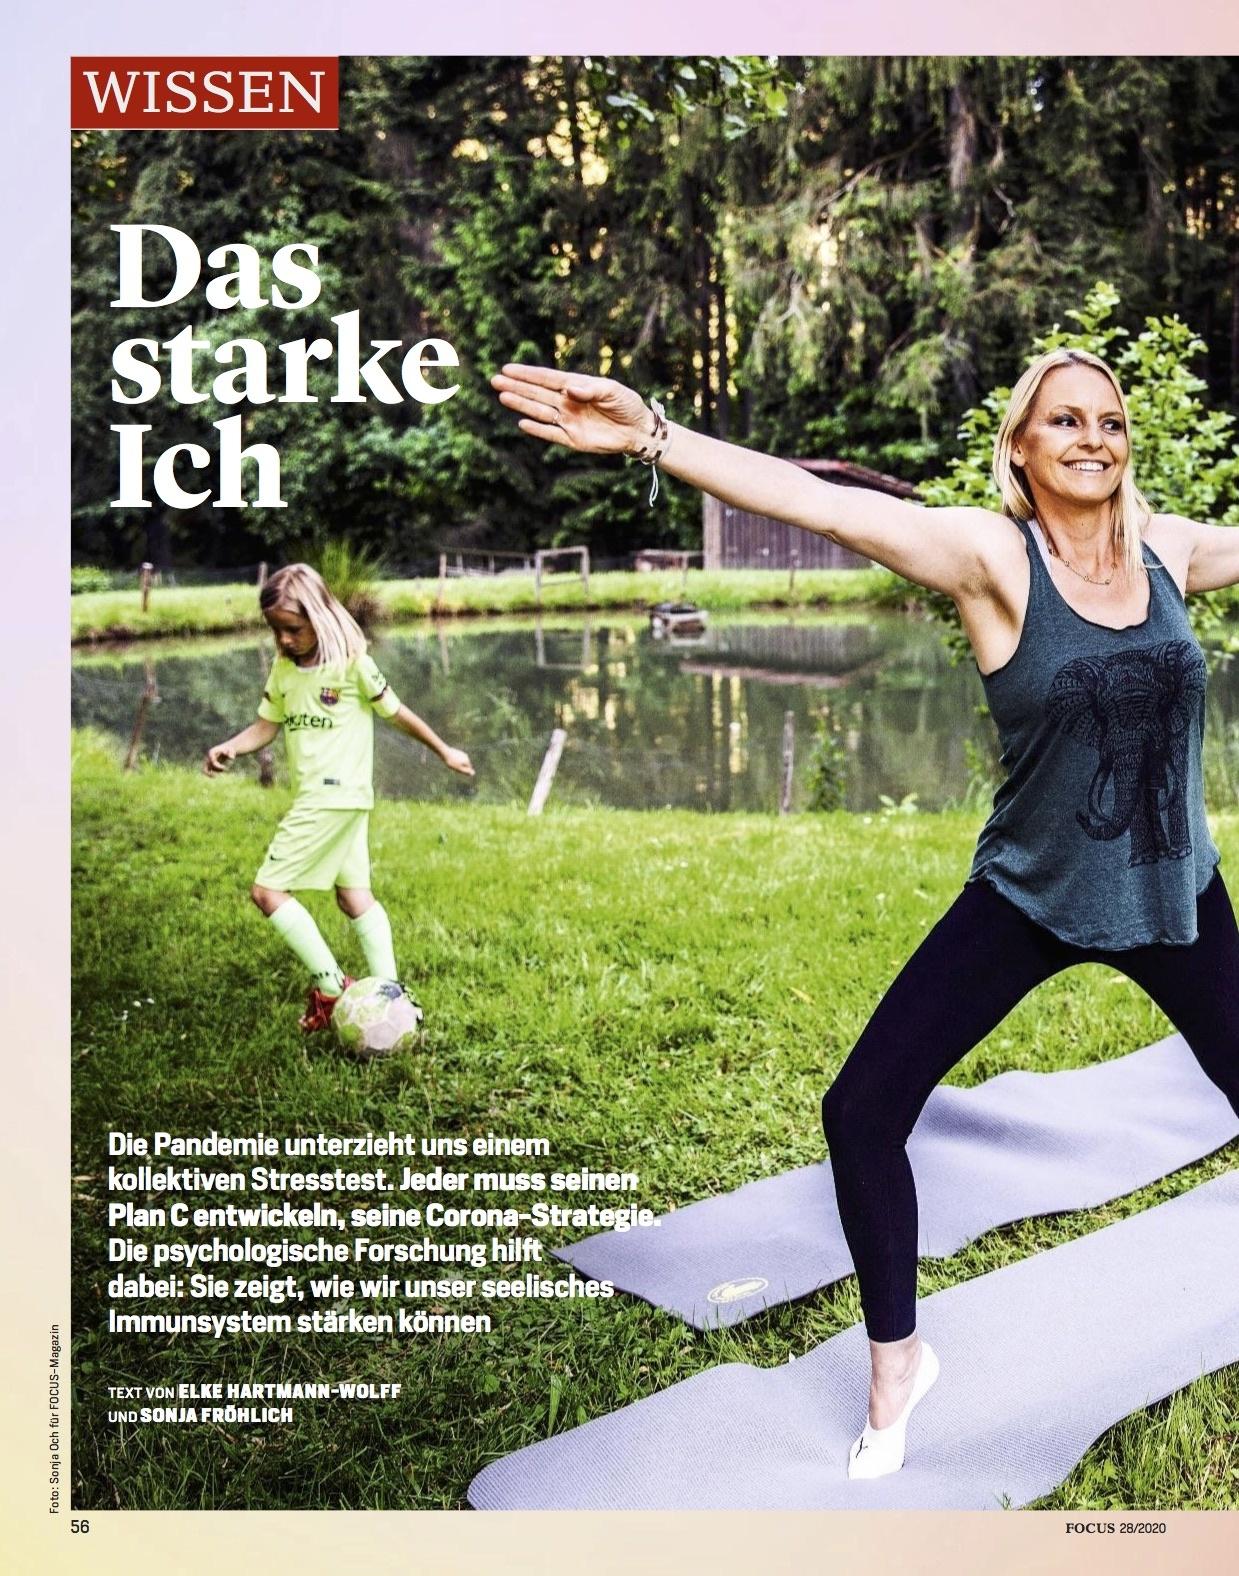 FOCUS Magazin FOCUS Magazin - Das starke Ich